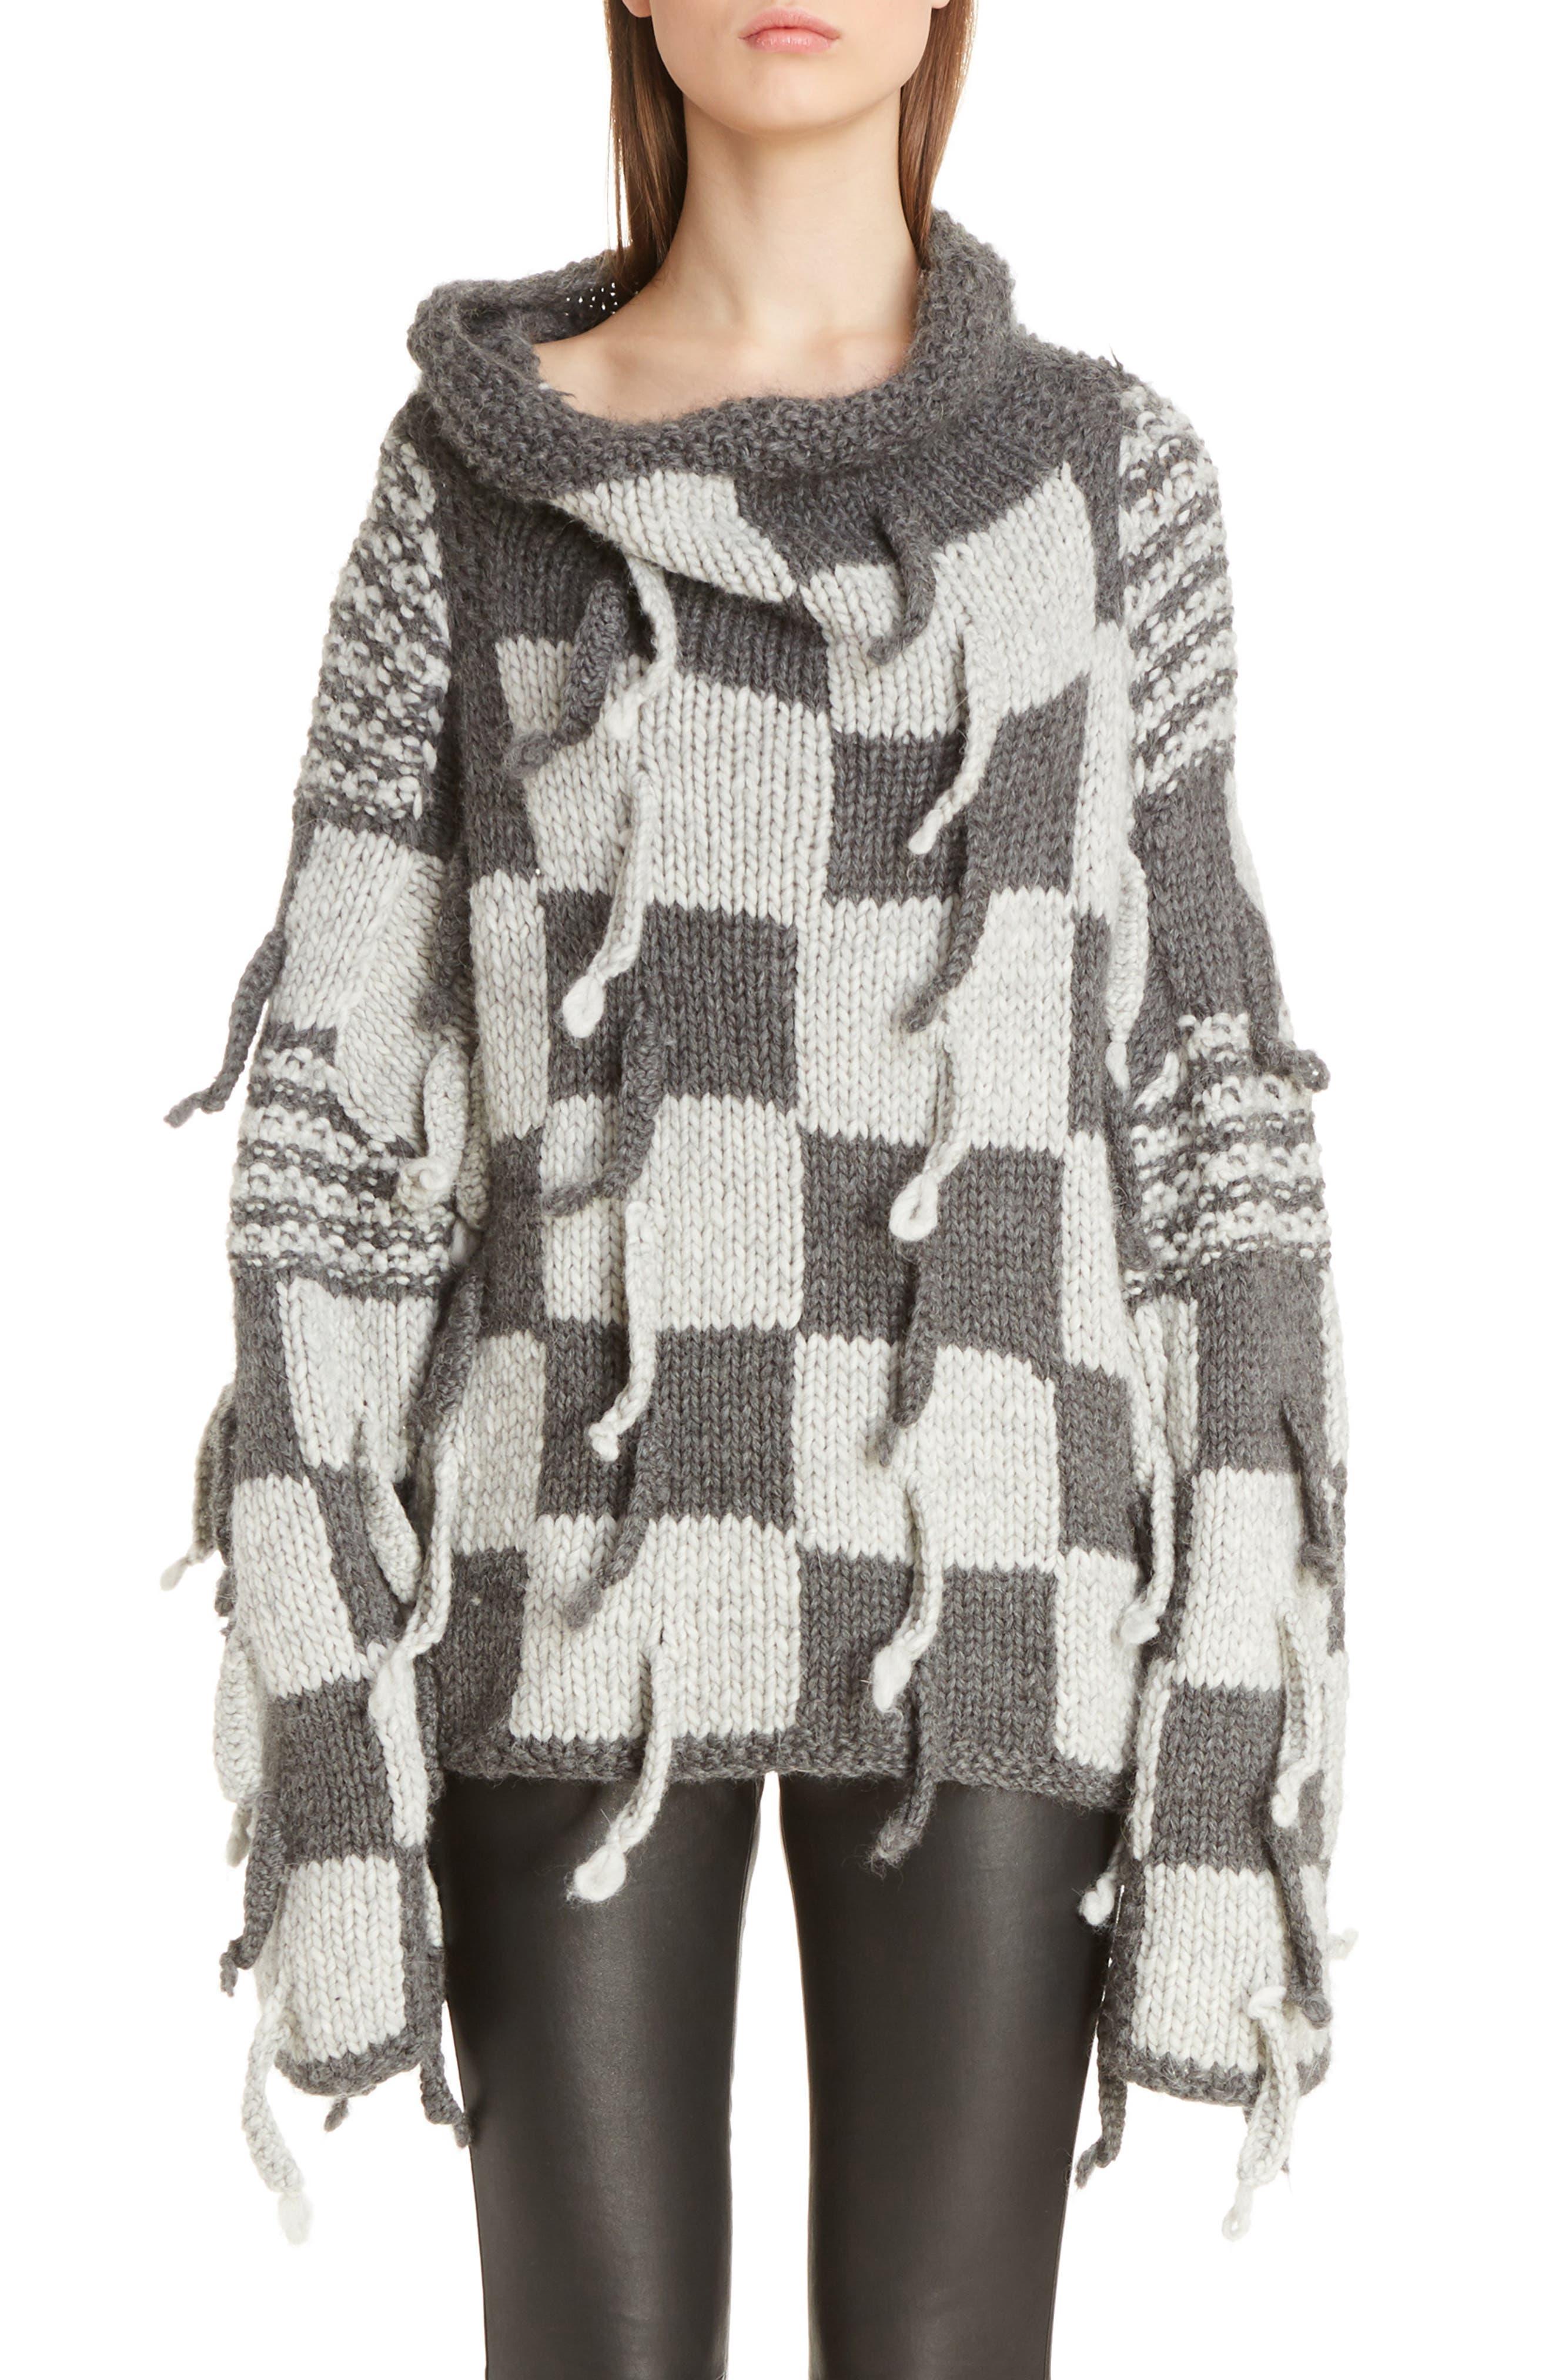 Alternate Image 1 Selected - Loewe Chunky Knit Wool & Alpaca Sweater